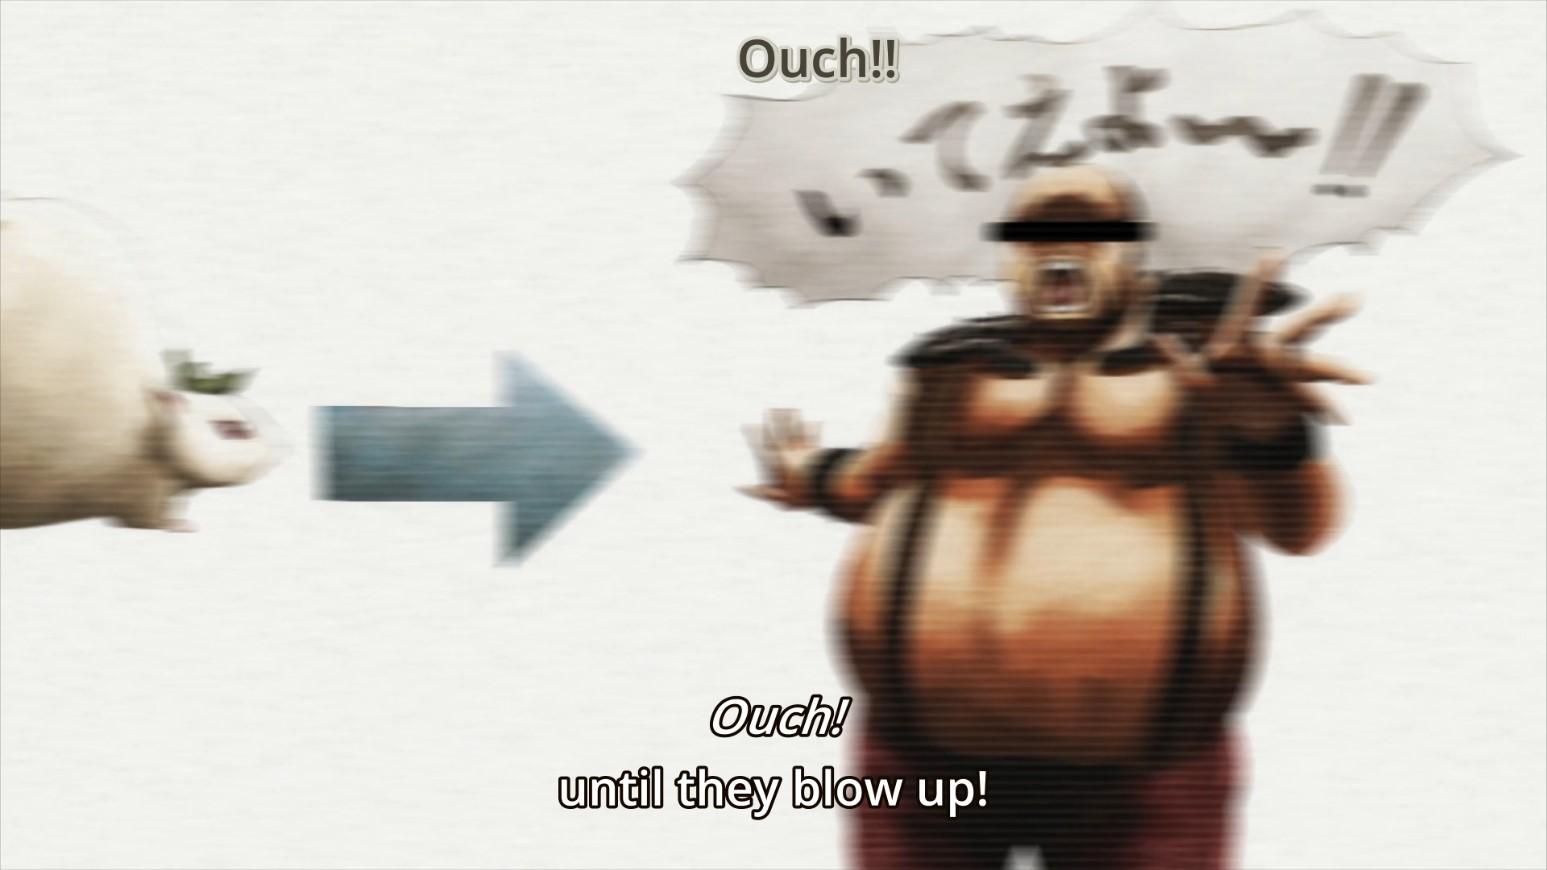 [2.0] Caméos et clins d'oeil dans les anime et mangas!  - Page 9 906270HorribleSubsKiitarouShounennoYoukaiEnikki091080pmkvsnapshot004220161130225407